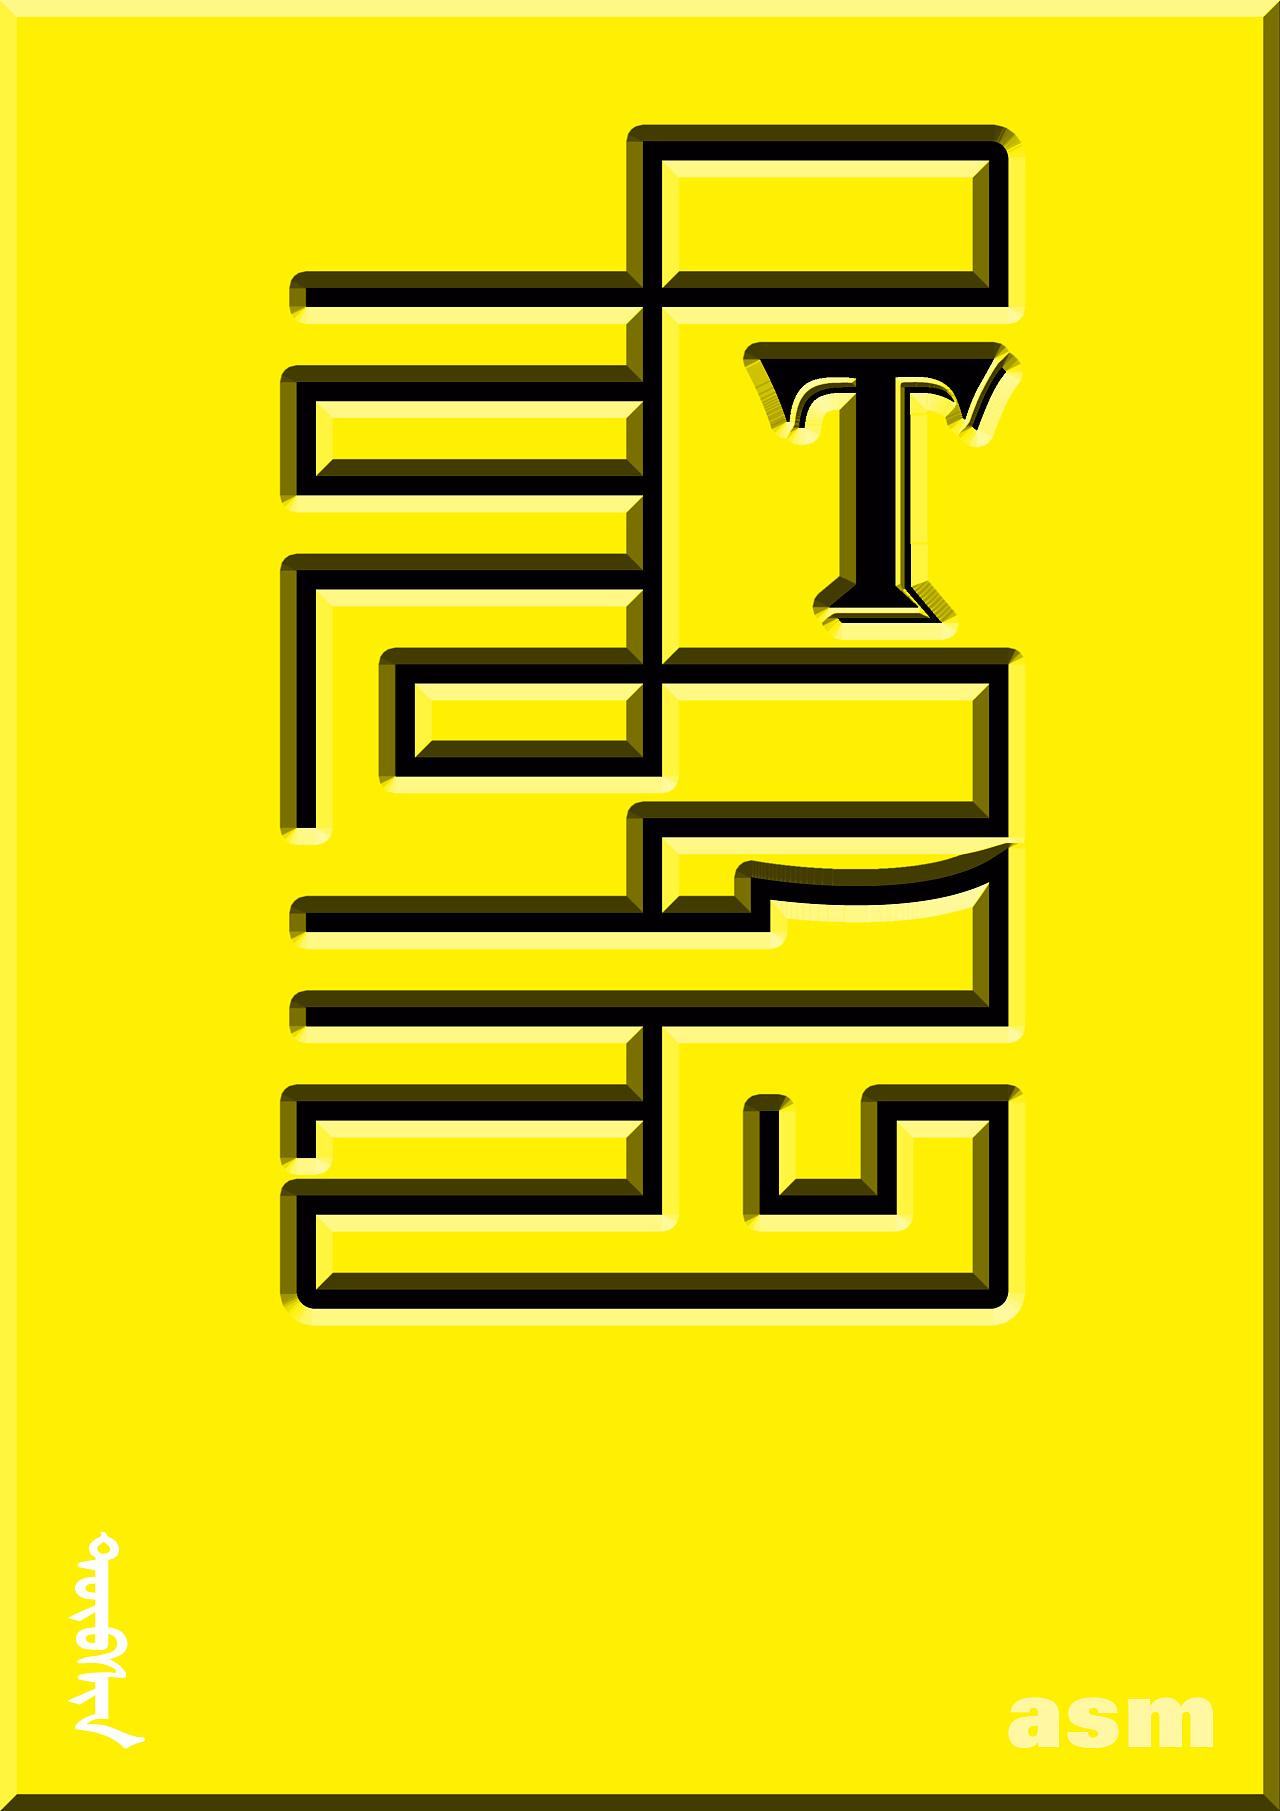 蒙古艺术文字2 -阿斯玛设计 第10张